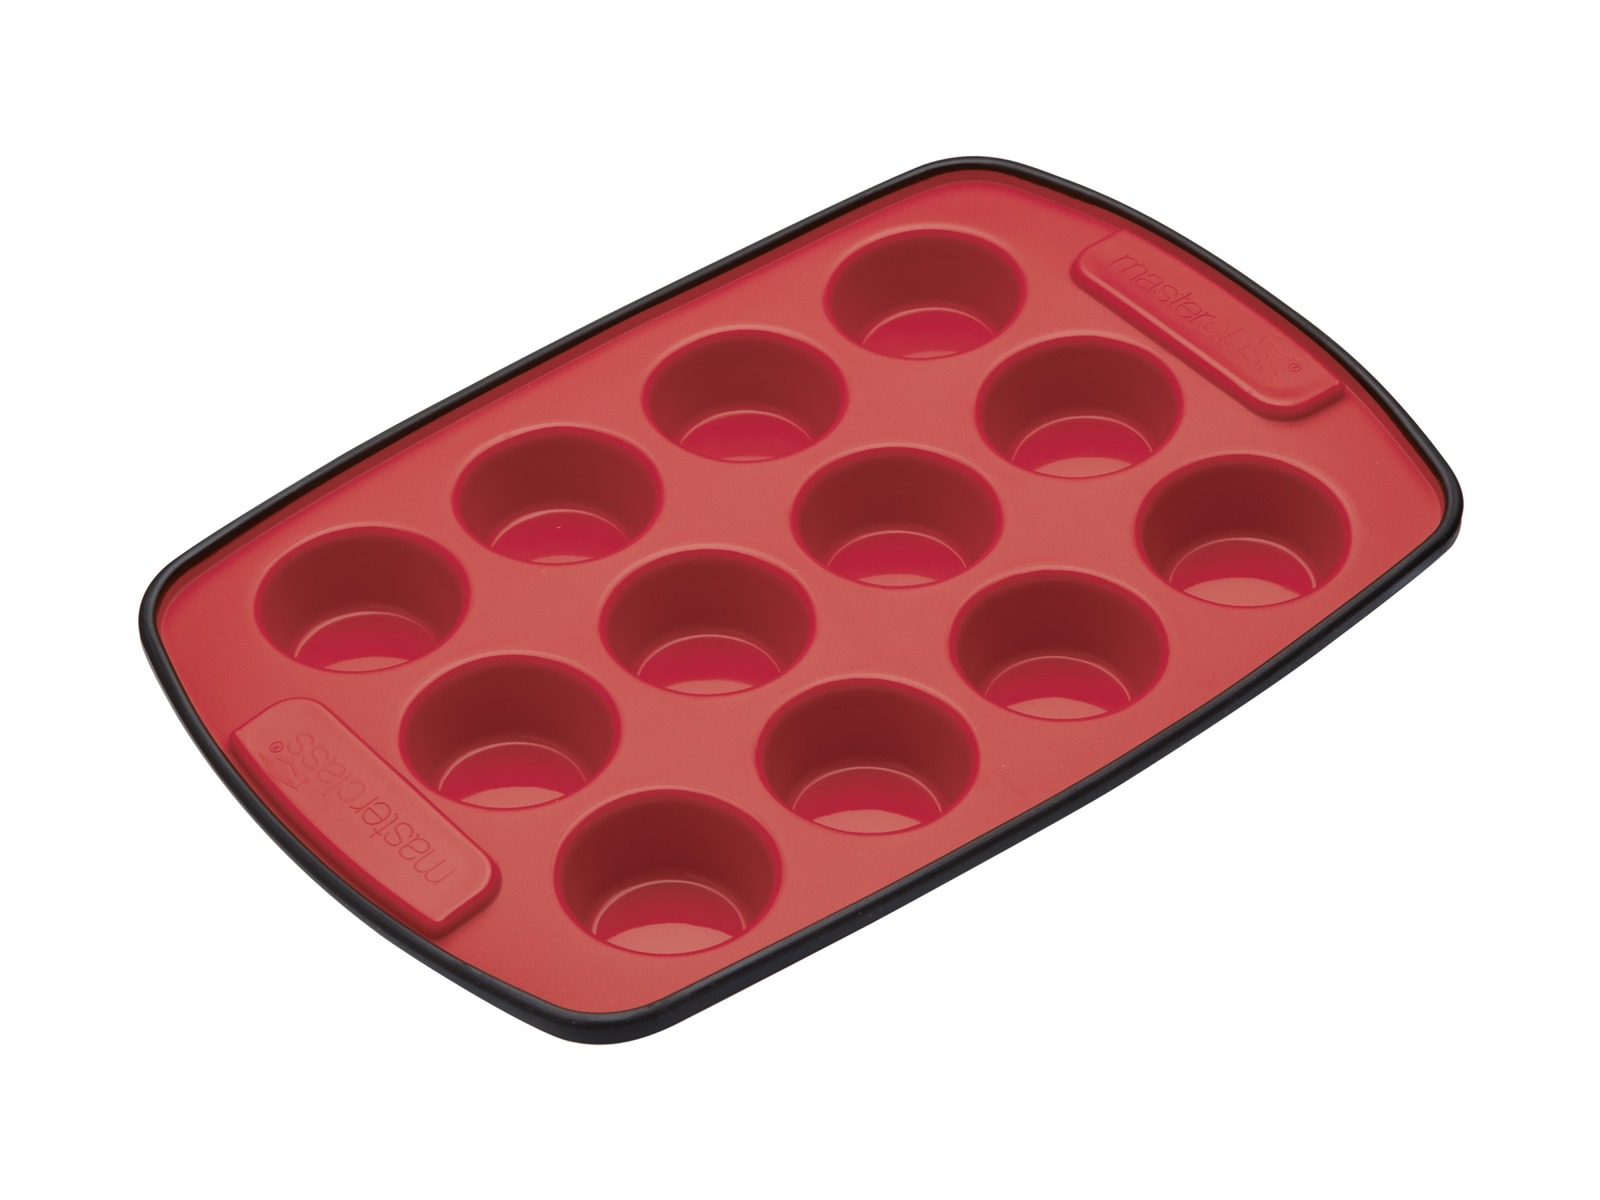 MasterClass: Smart Silicone Mini Muffin Pan (29cm) image